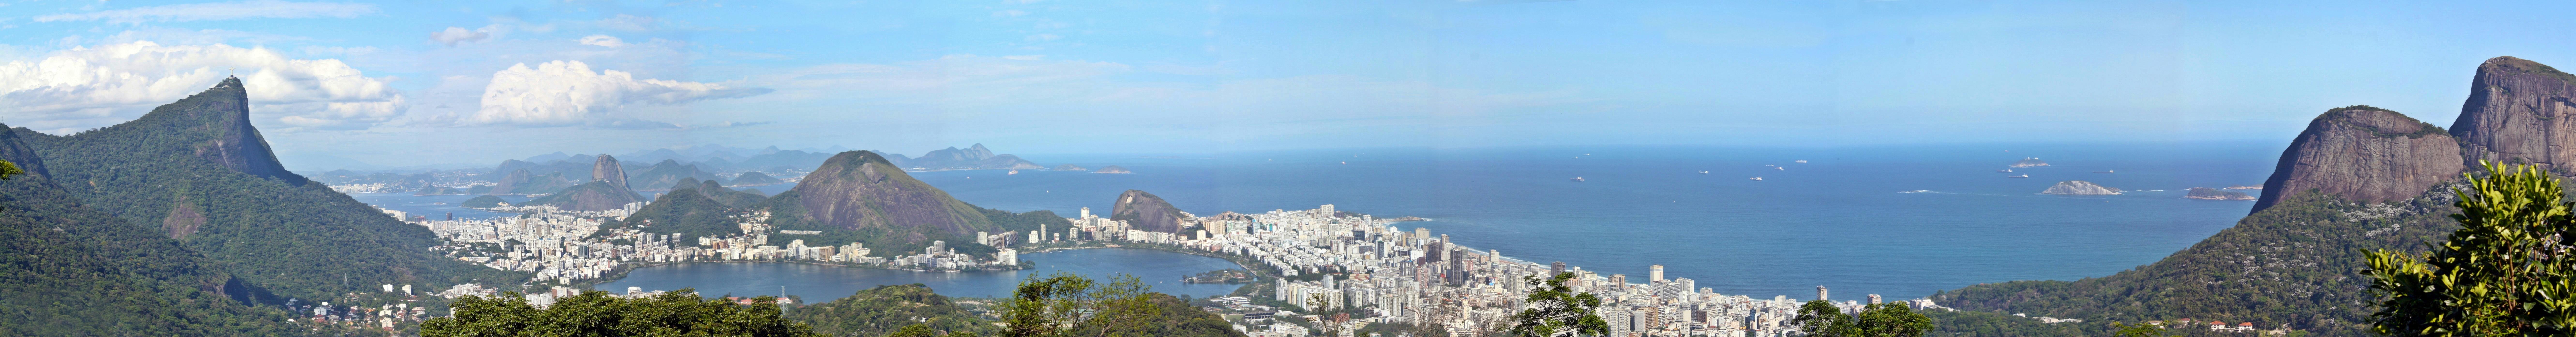 География ЧМ-2014. Рио-де-Жанейро - изображение 1